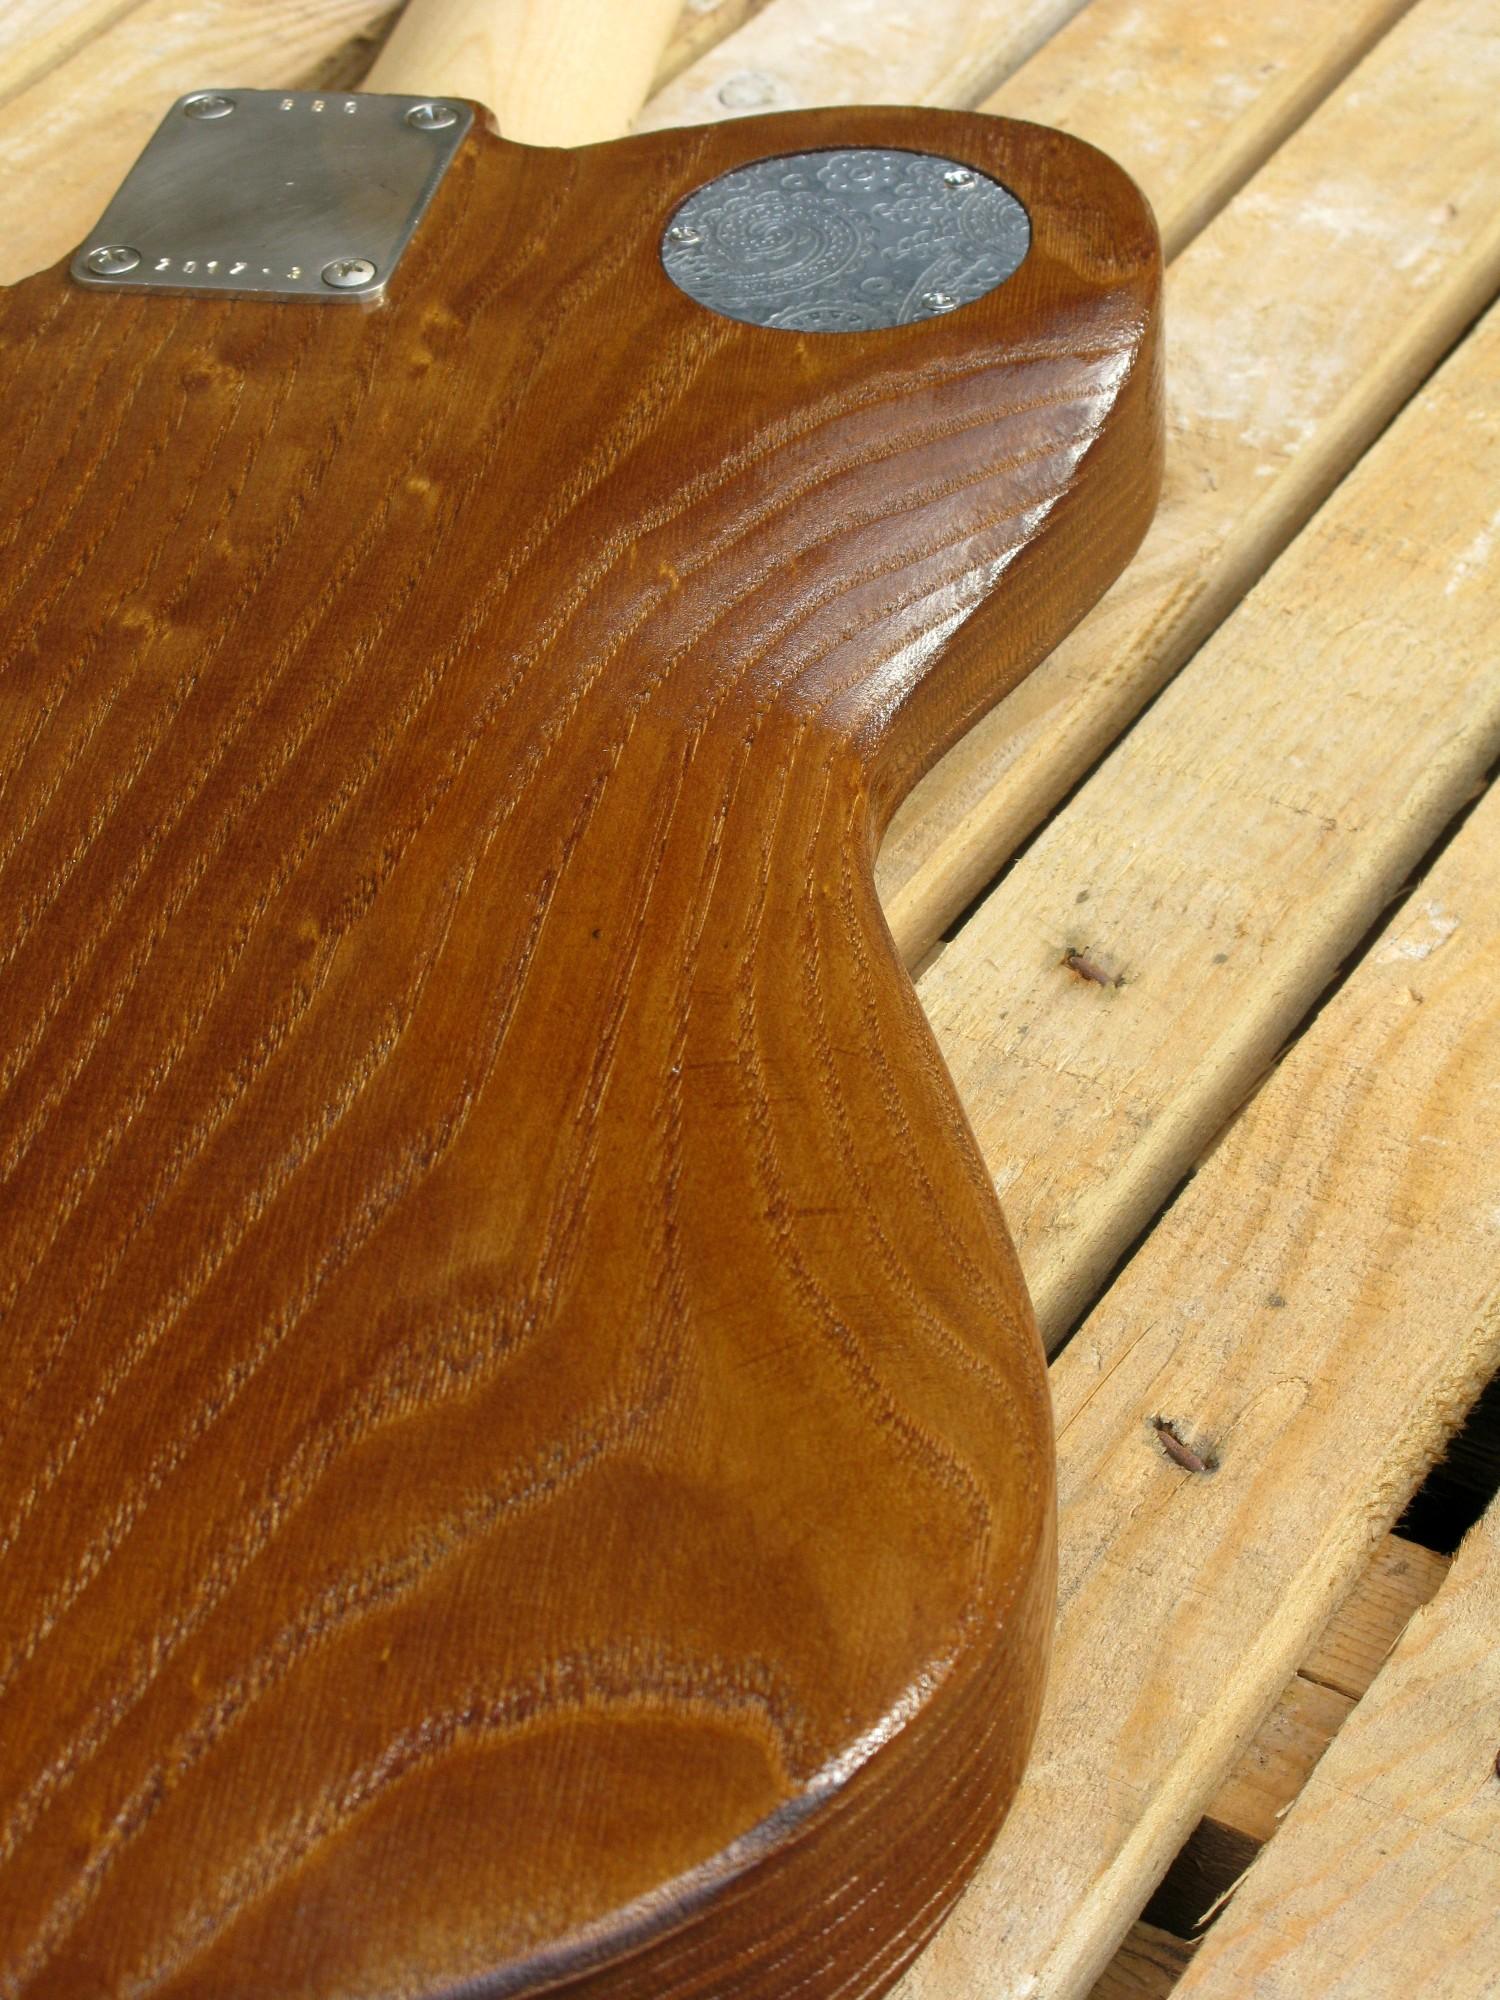 Retro del body di una chitarra Telecaster in castagno